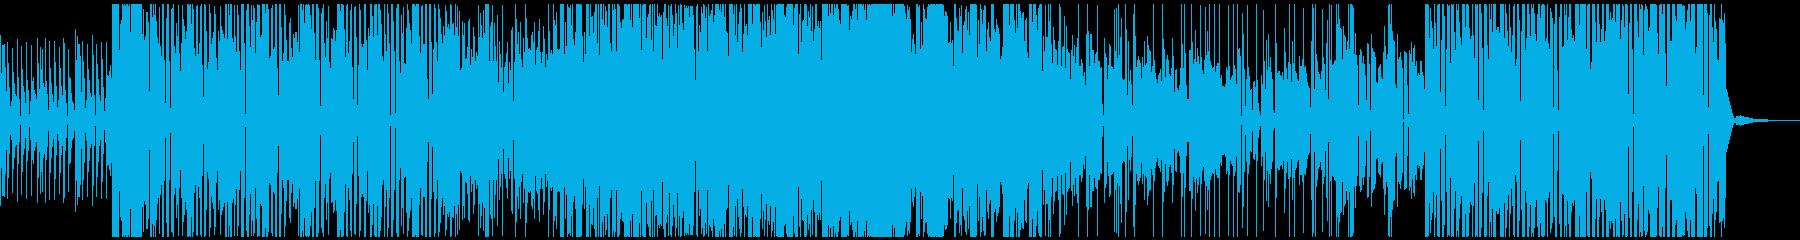 踊れるファンクジャズの再生済みの波形